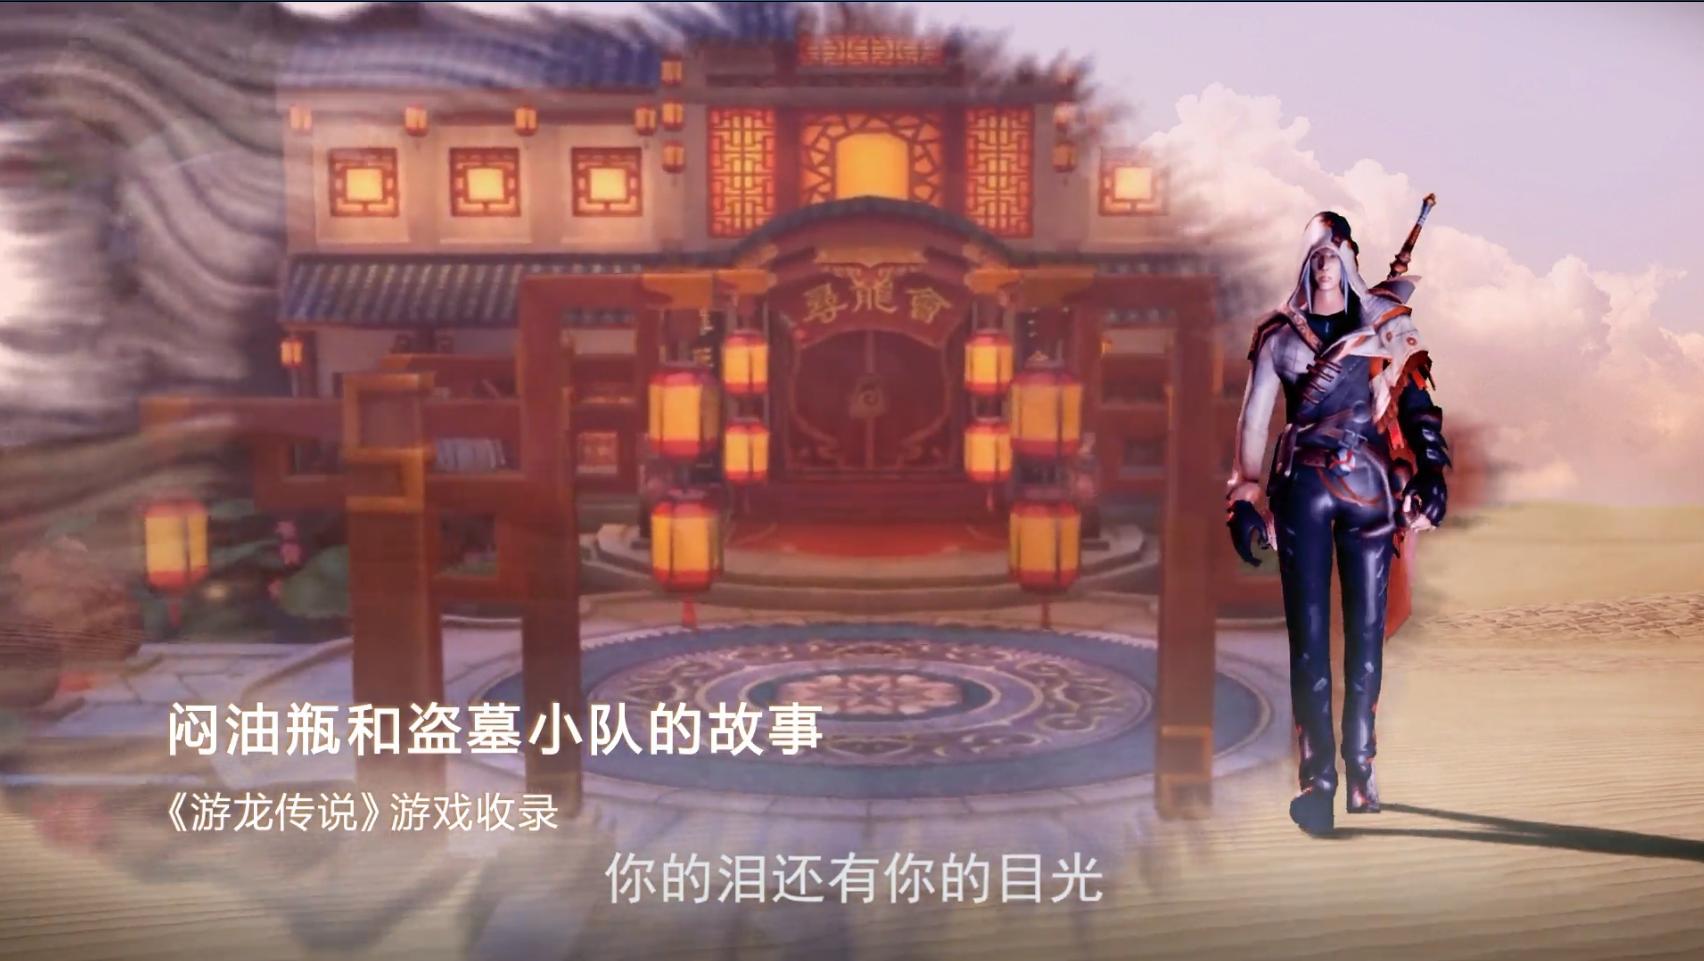 《在路上》-游龙传说游戏MV